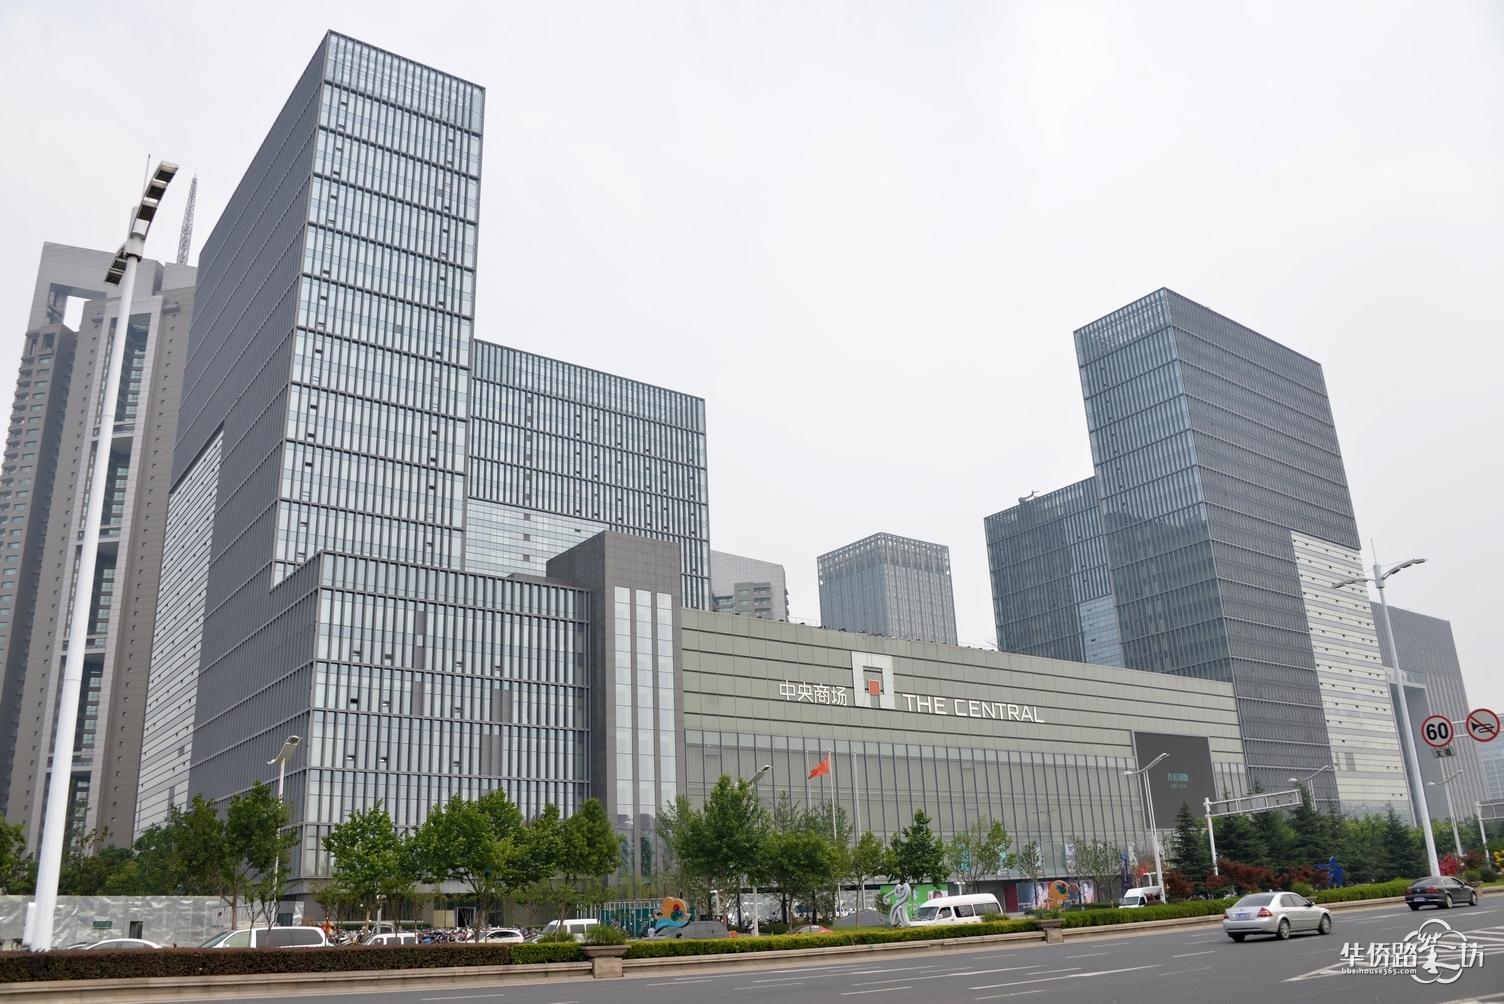 南京中央商场河西店 介绍 及 实景照片